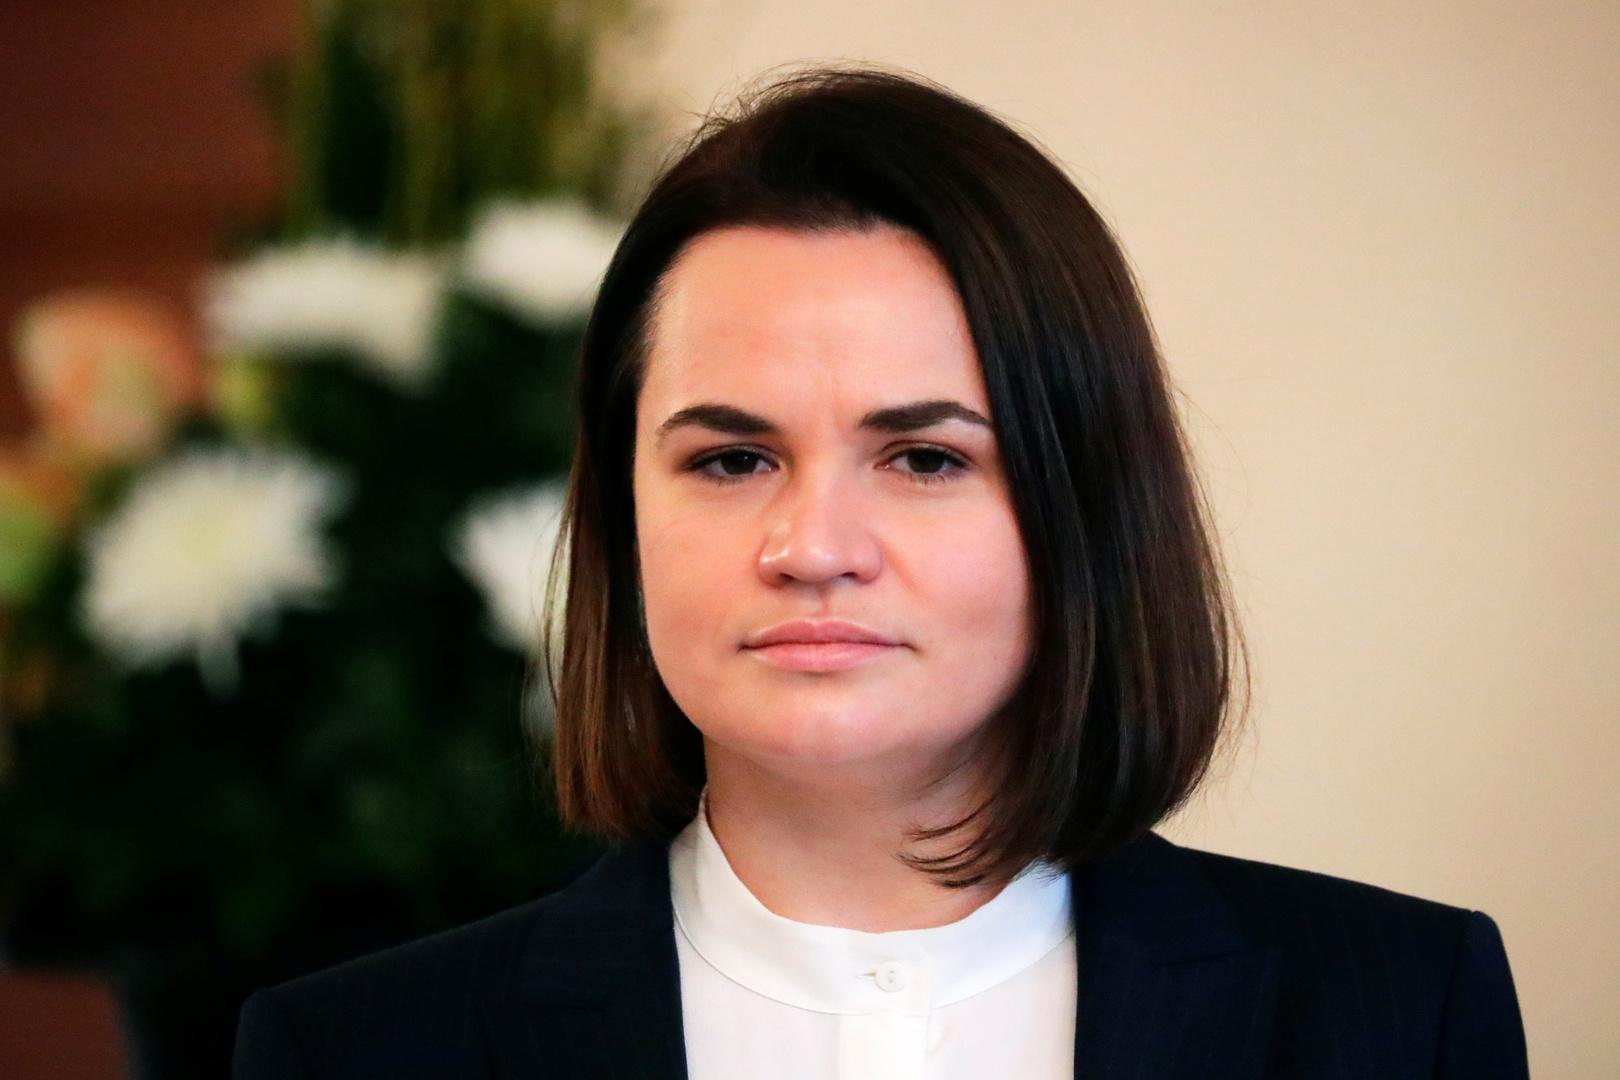 المعارضة البيلاروسية، المرشحة السابقة في الانتخابات الرئاسية، سفيتلانا تيخانوفسكايا.